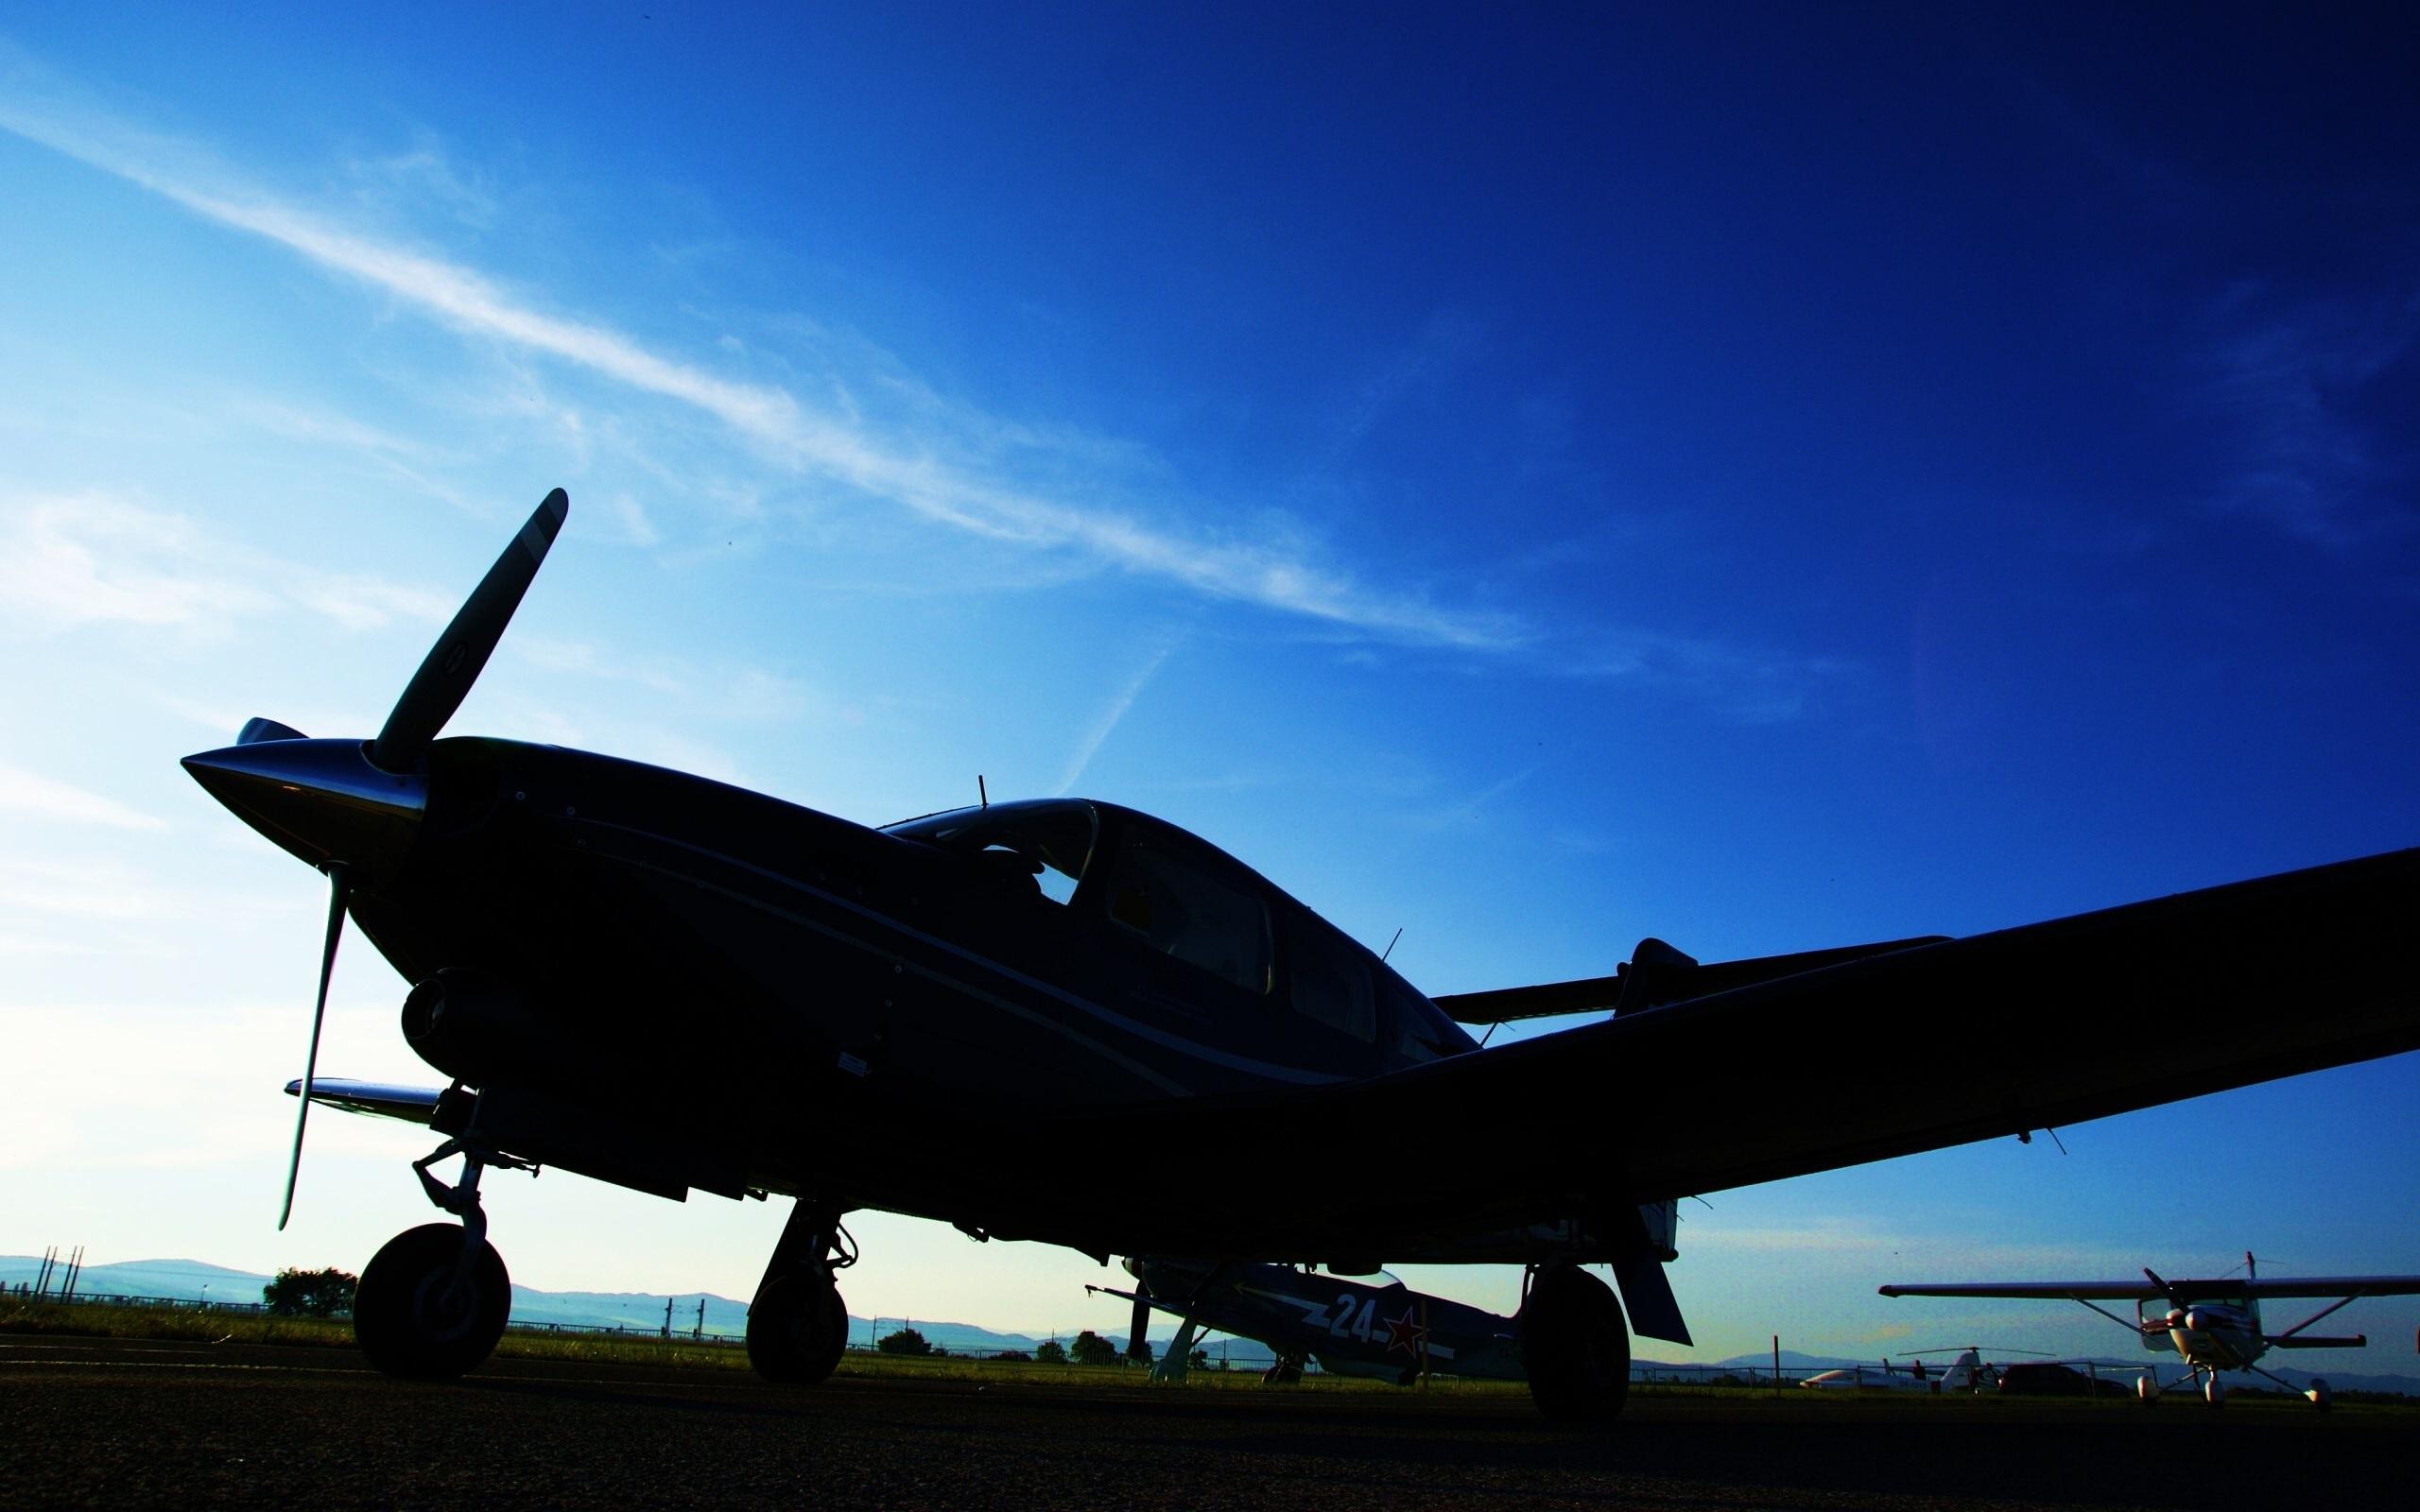 La noche el cielo los aviones de fotos fondos de pantalla for Fondos de pantalla de aviones